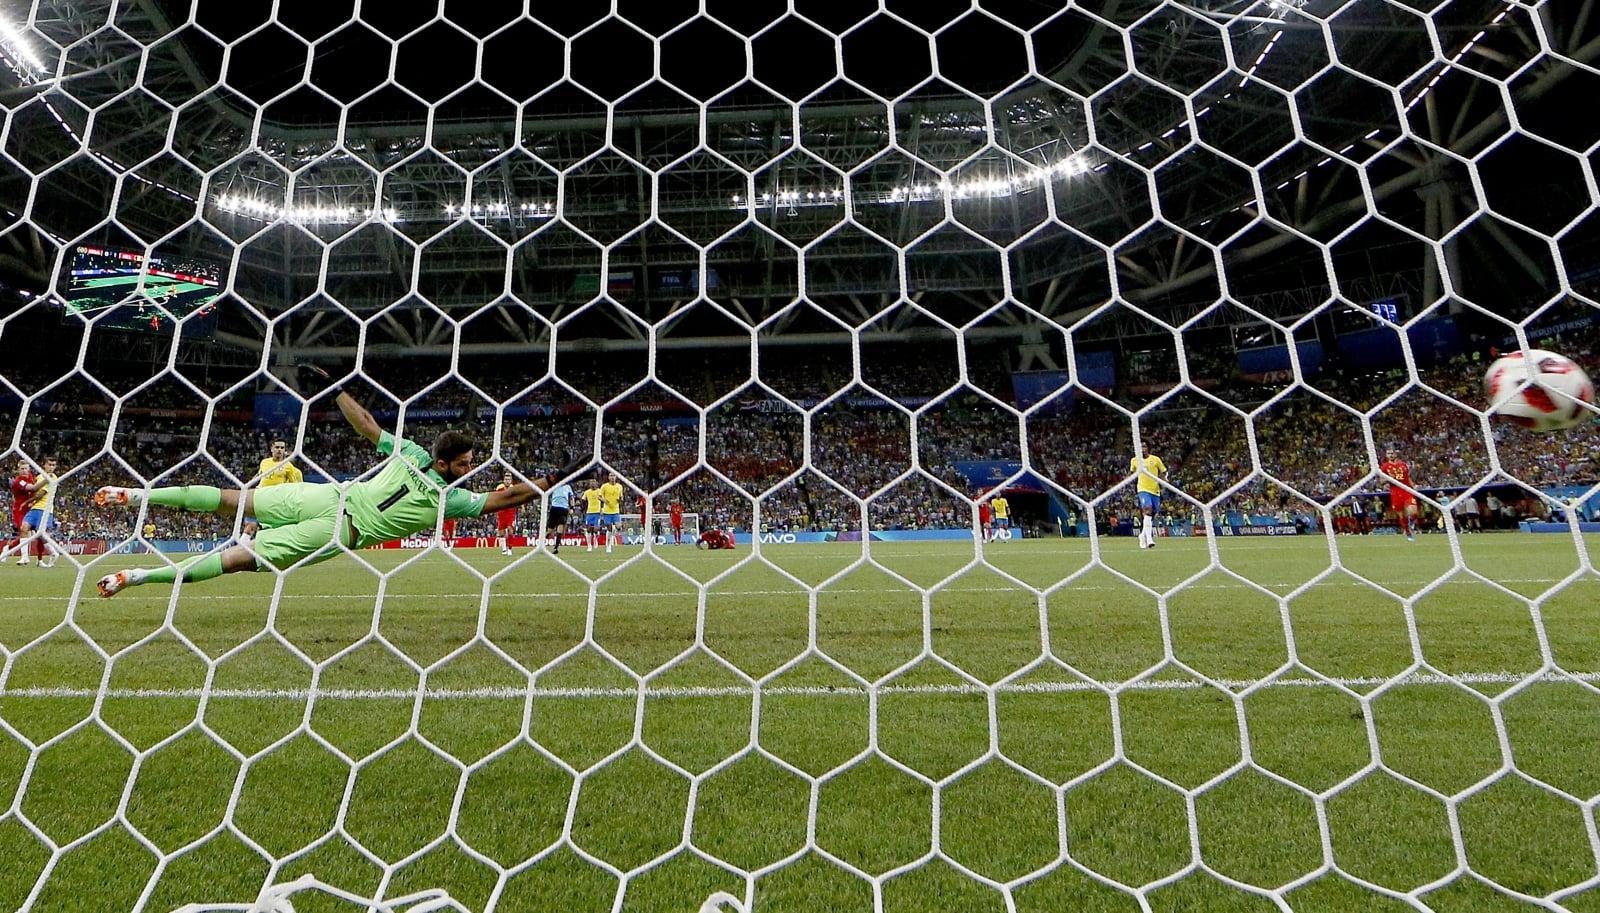 Drugi gol reprezentacji Belgii w pojedynku Belgia-Brazylia. Fot. PAP/EPA/SERGEY DOLZHENKO